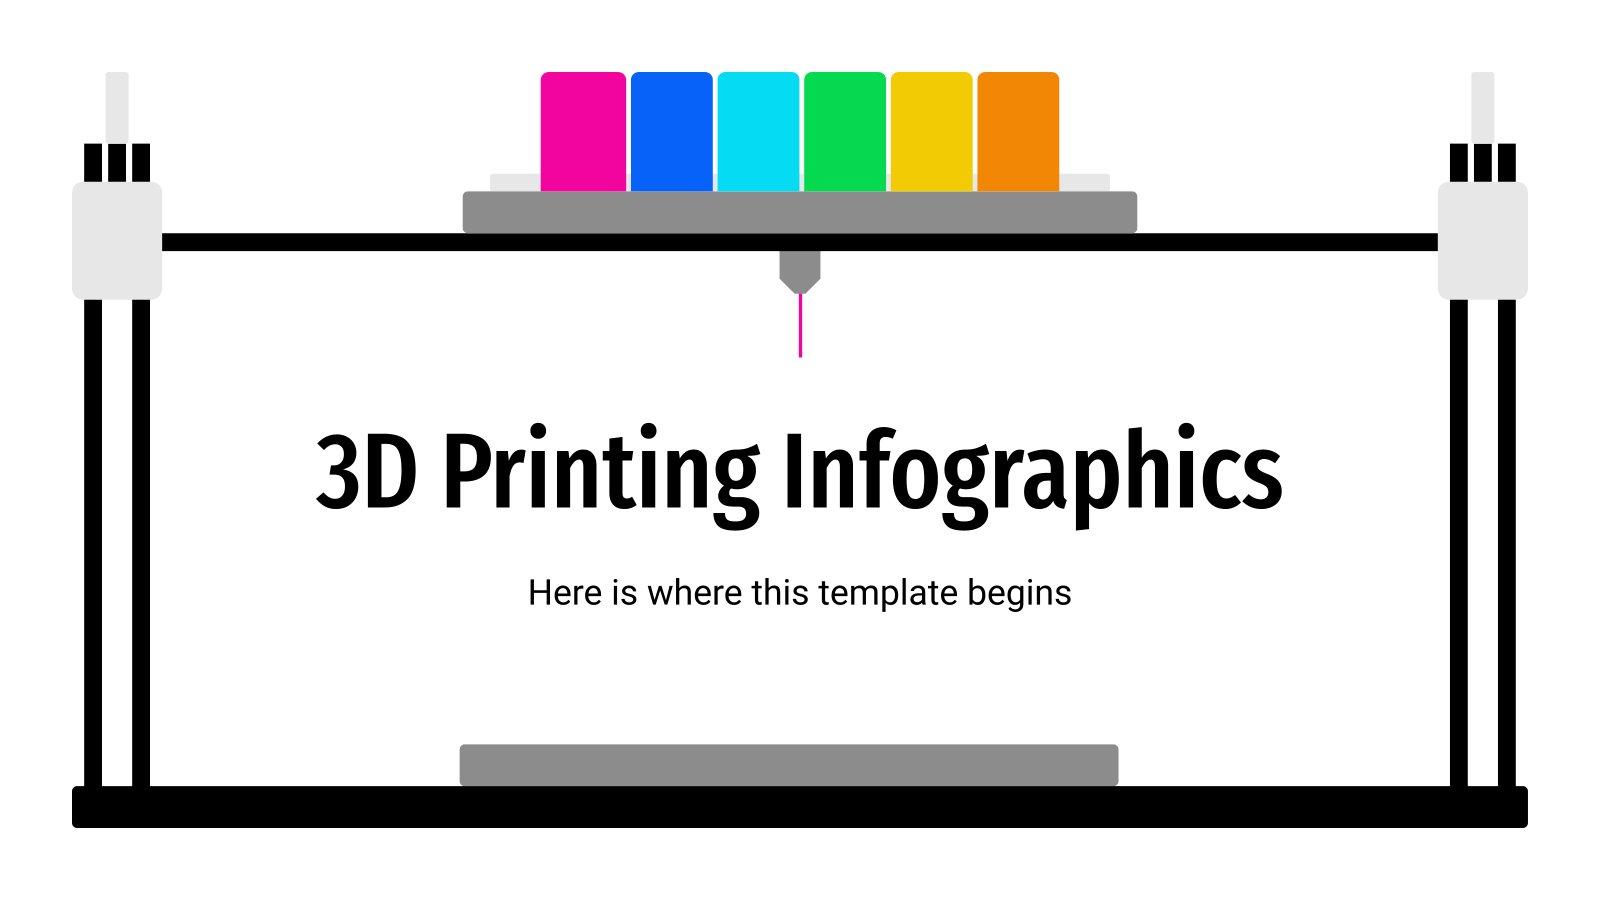 Plantilla de presentación Infografías sobre la impresión 3D